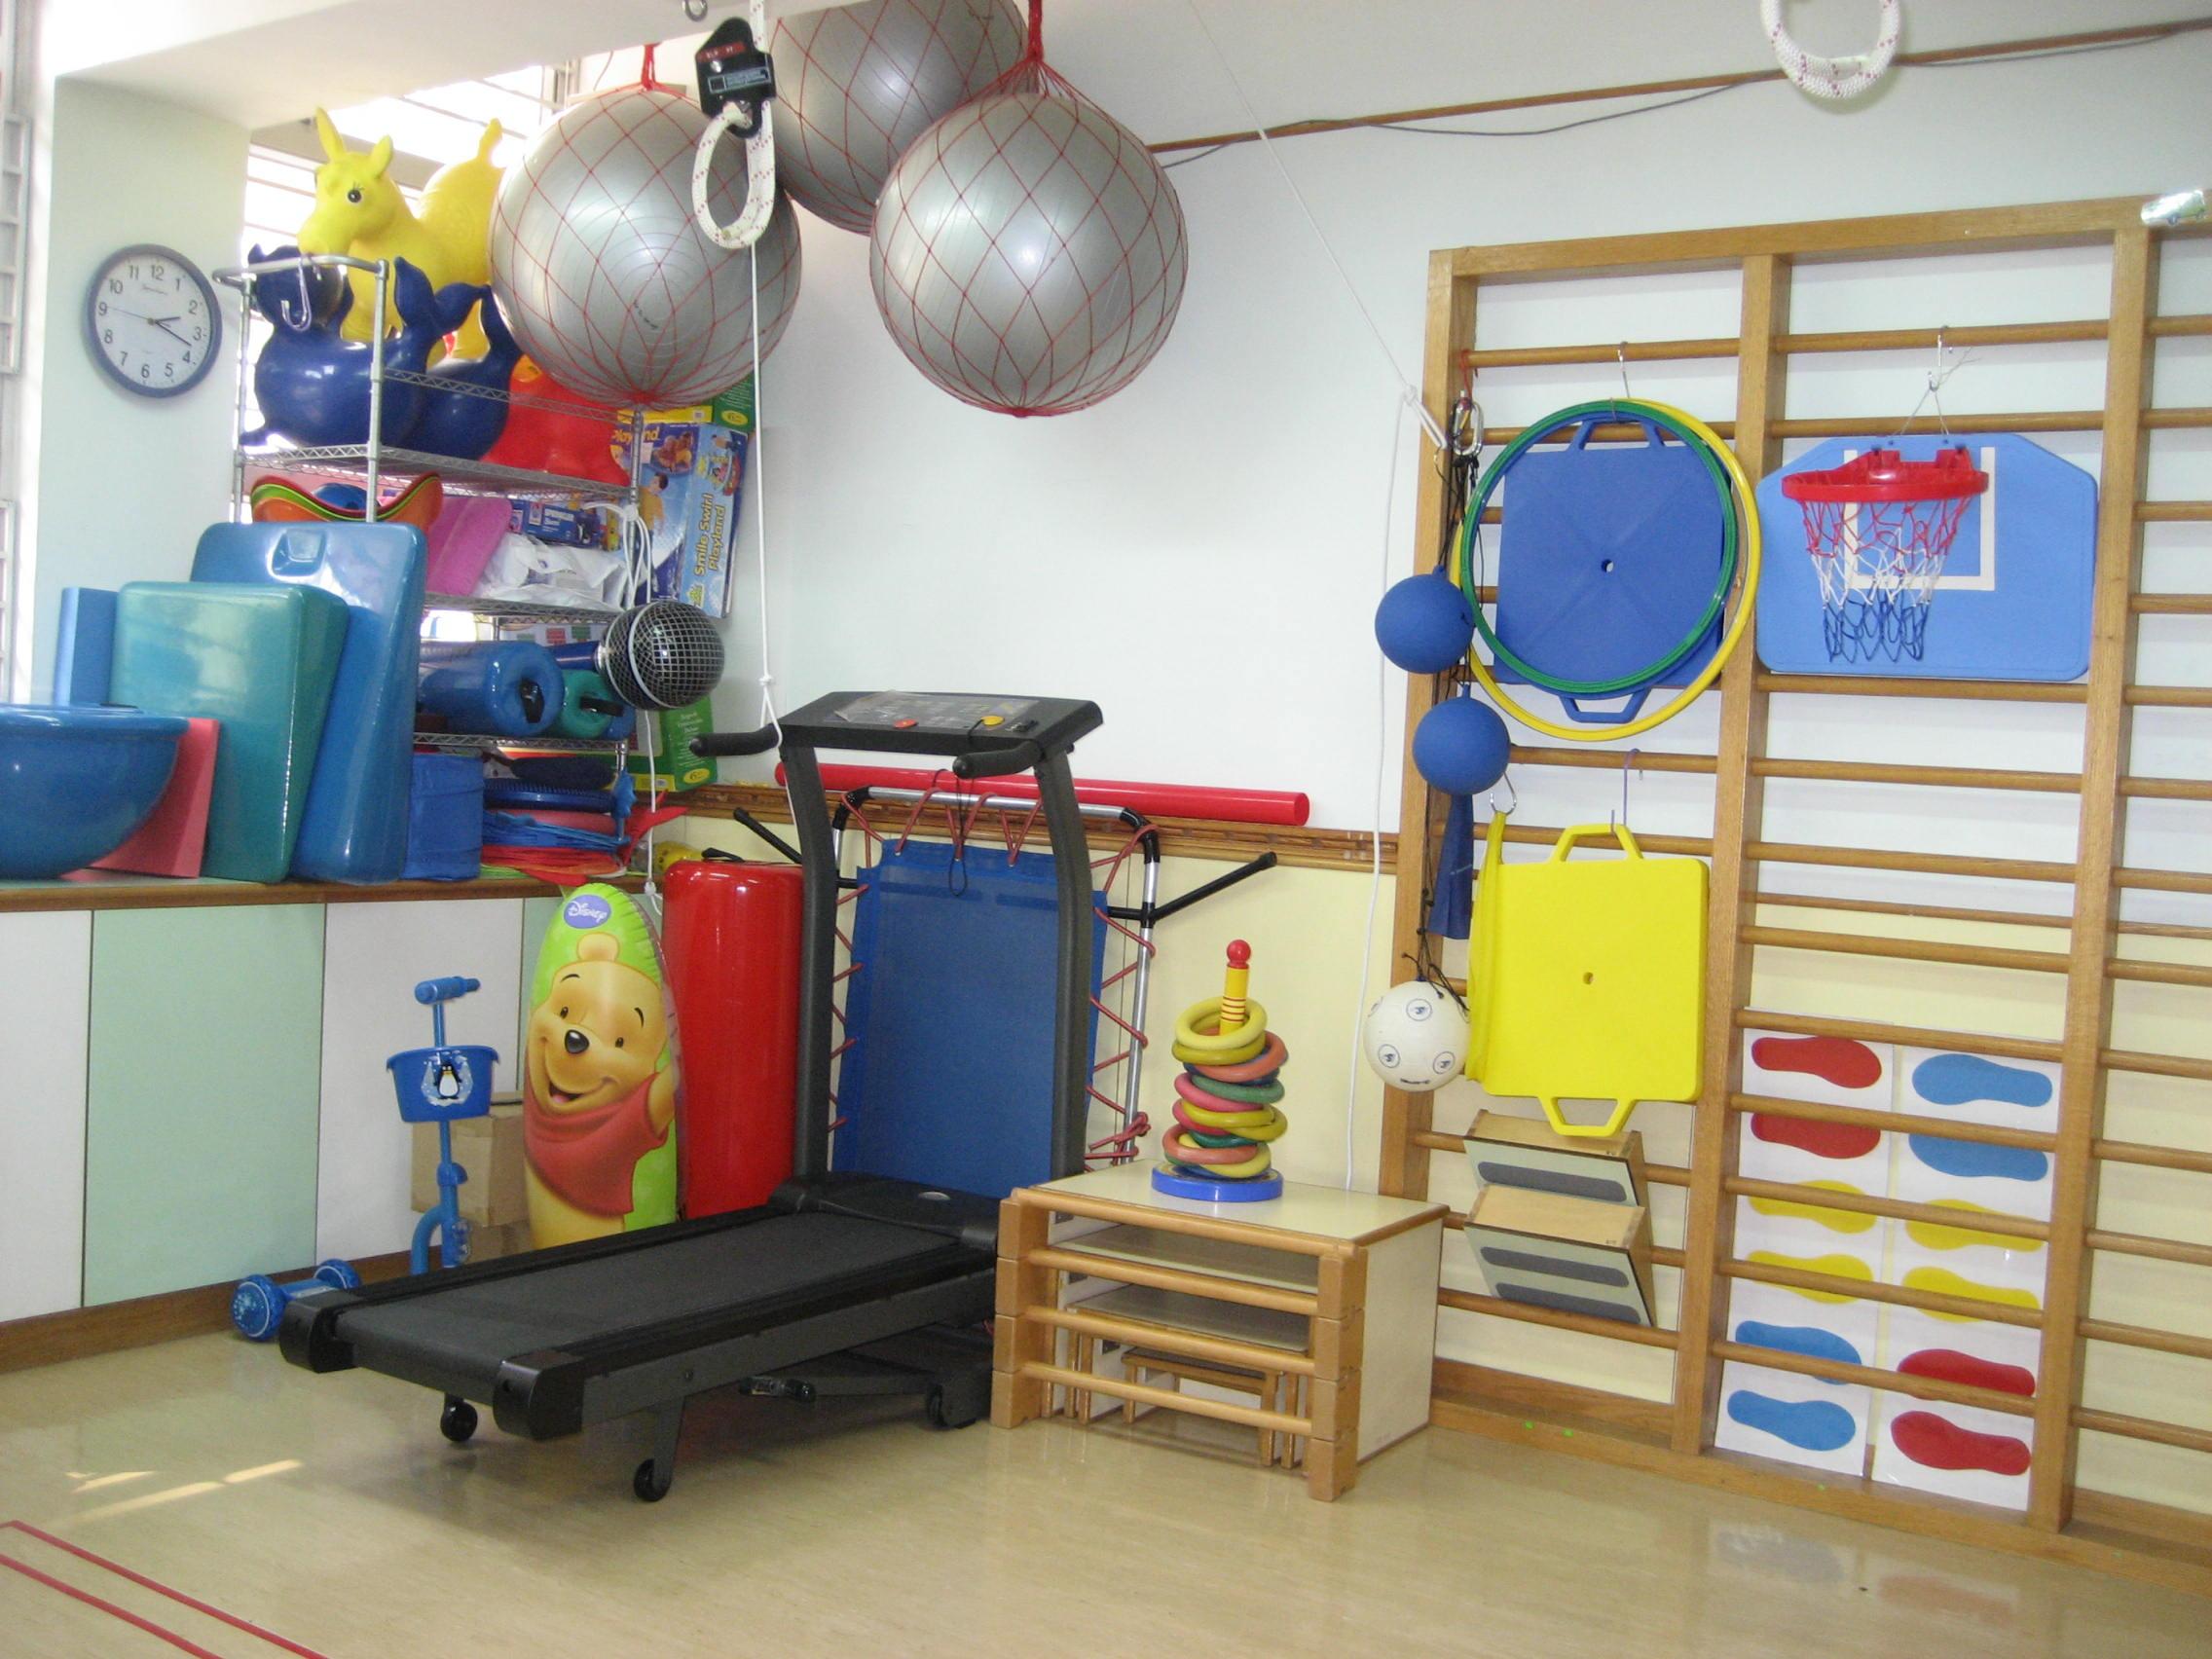 專業治療訓練室:中心內設多間獨立治療訓練室,光線充足、環境清潔、多樣化新穎治療用具。言語治療室更備隔音設備,以確保幼兒能在不受騷擾的環境下上課。